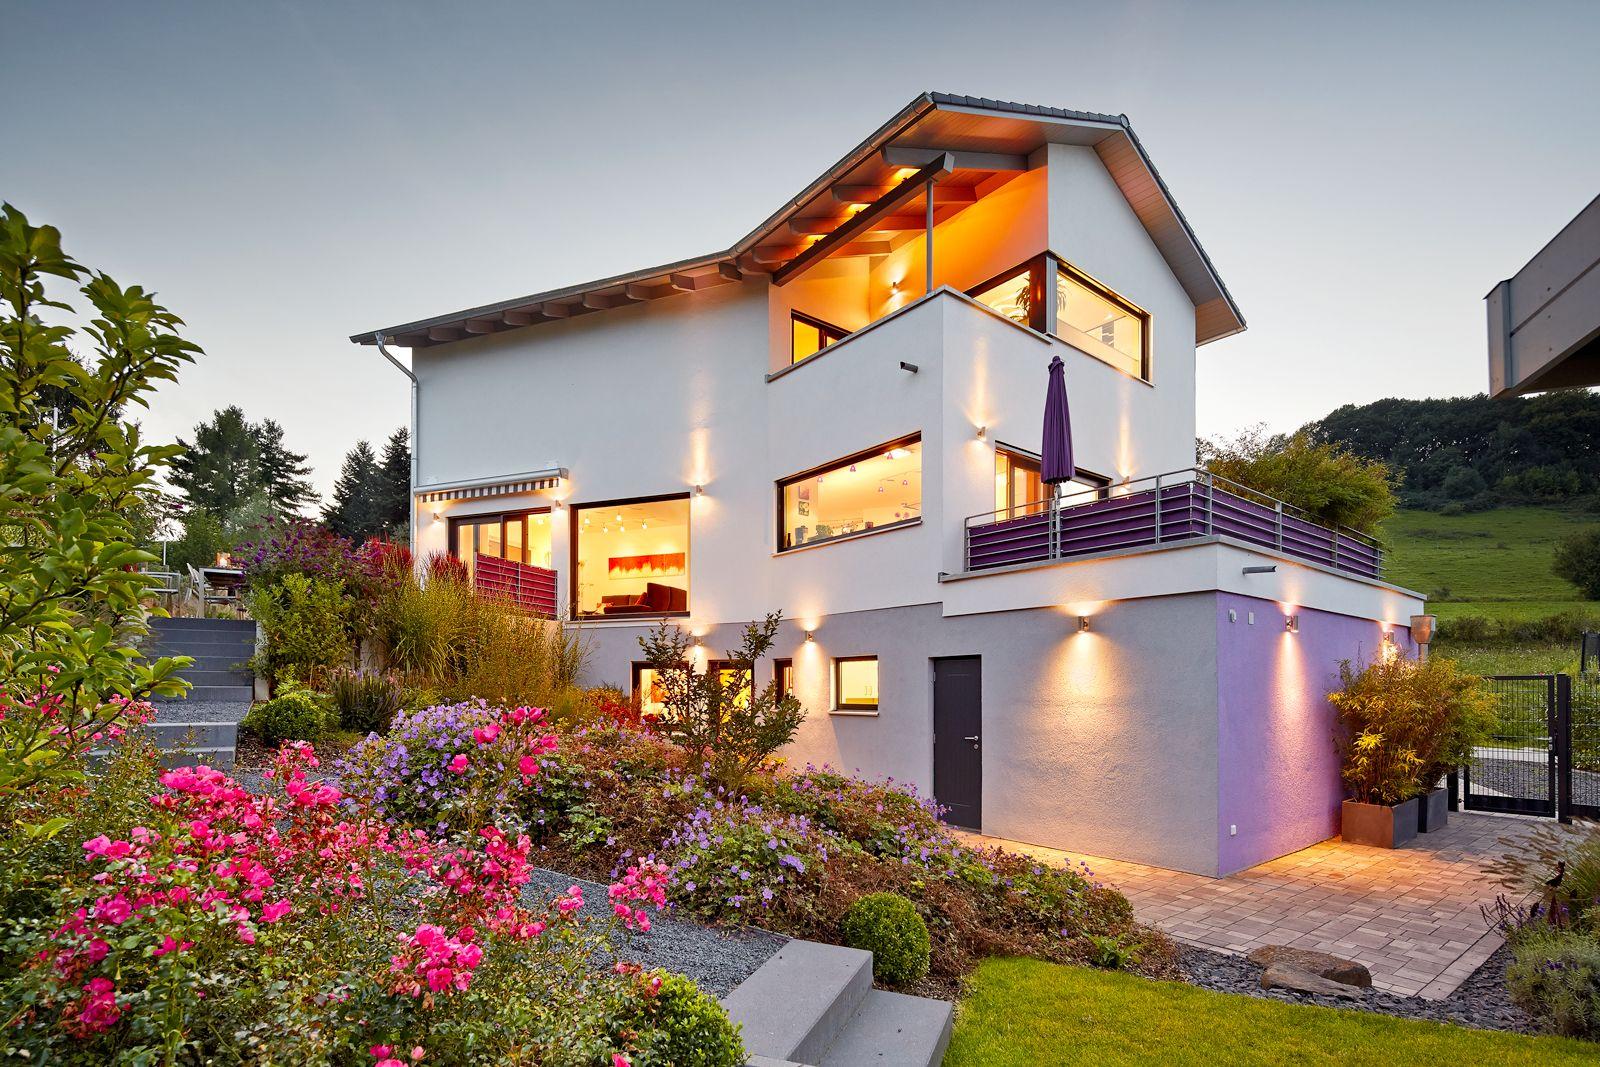 satteldach landhaus 129 an diesem haus erkennt man deutlich die vorz ge aber auch die. Black Bedroom Furniture Sets. Home Design Ideas